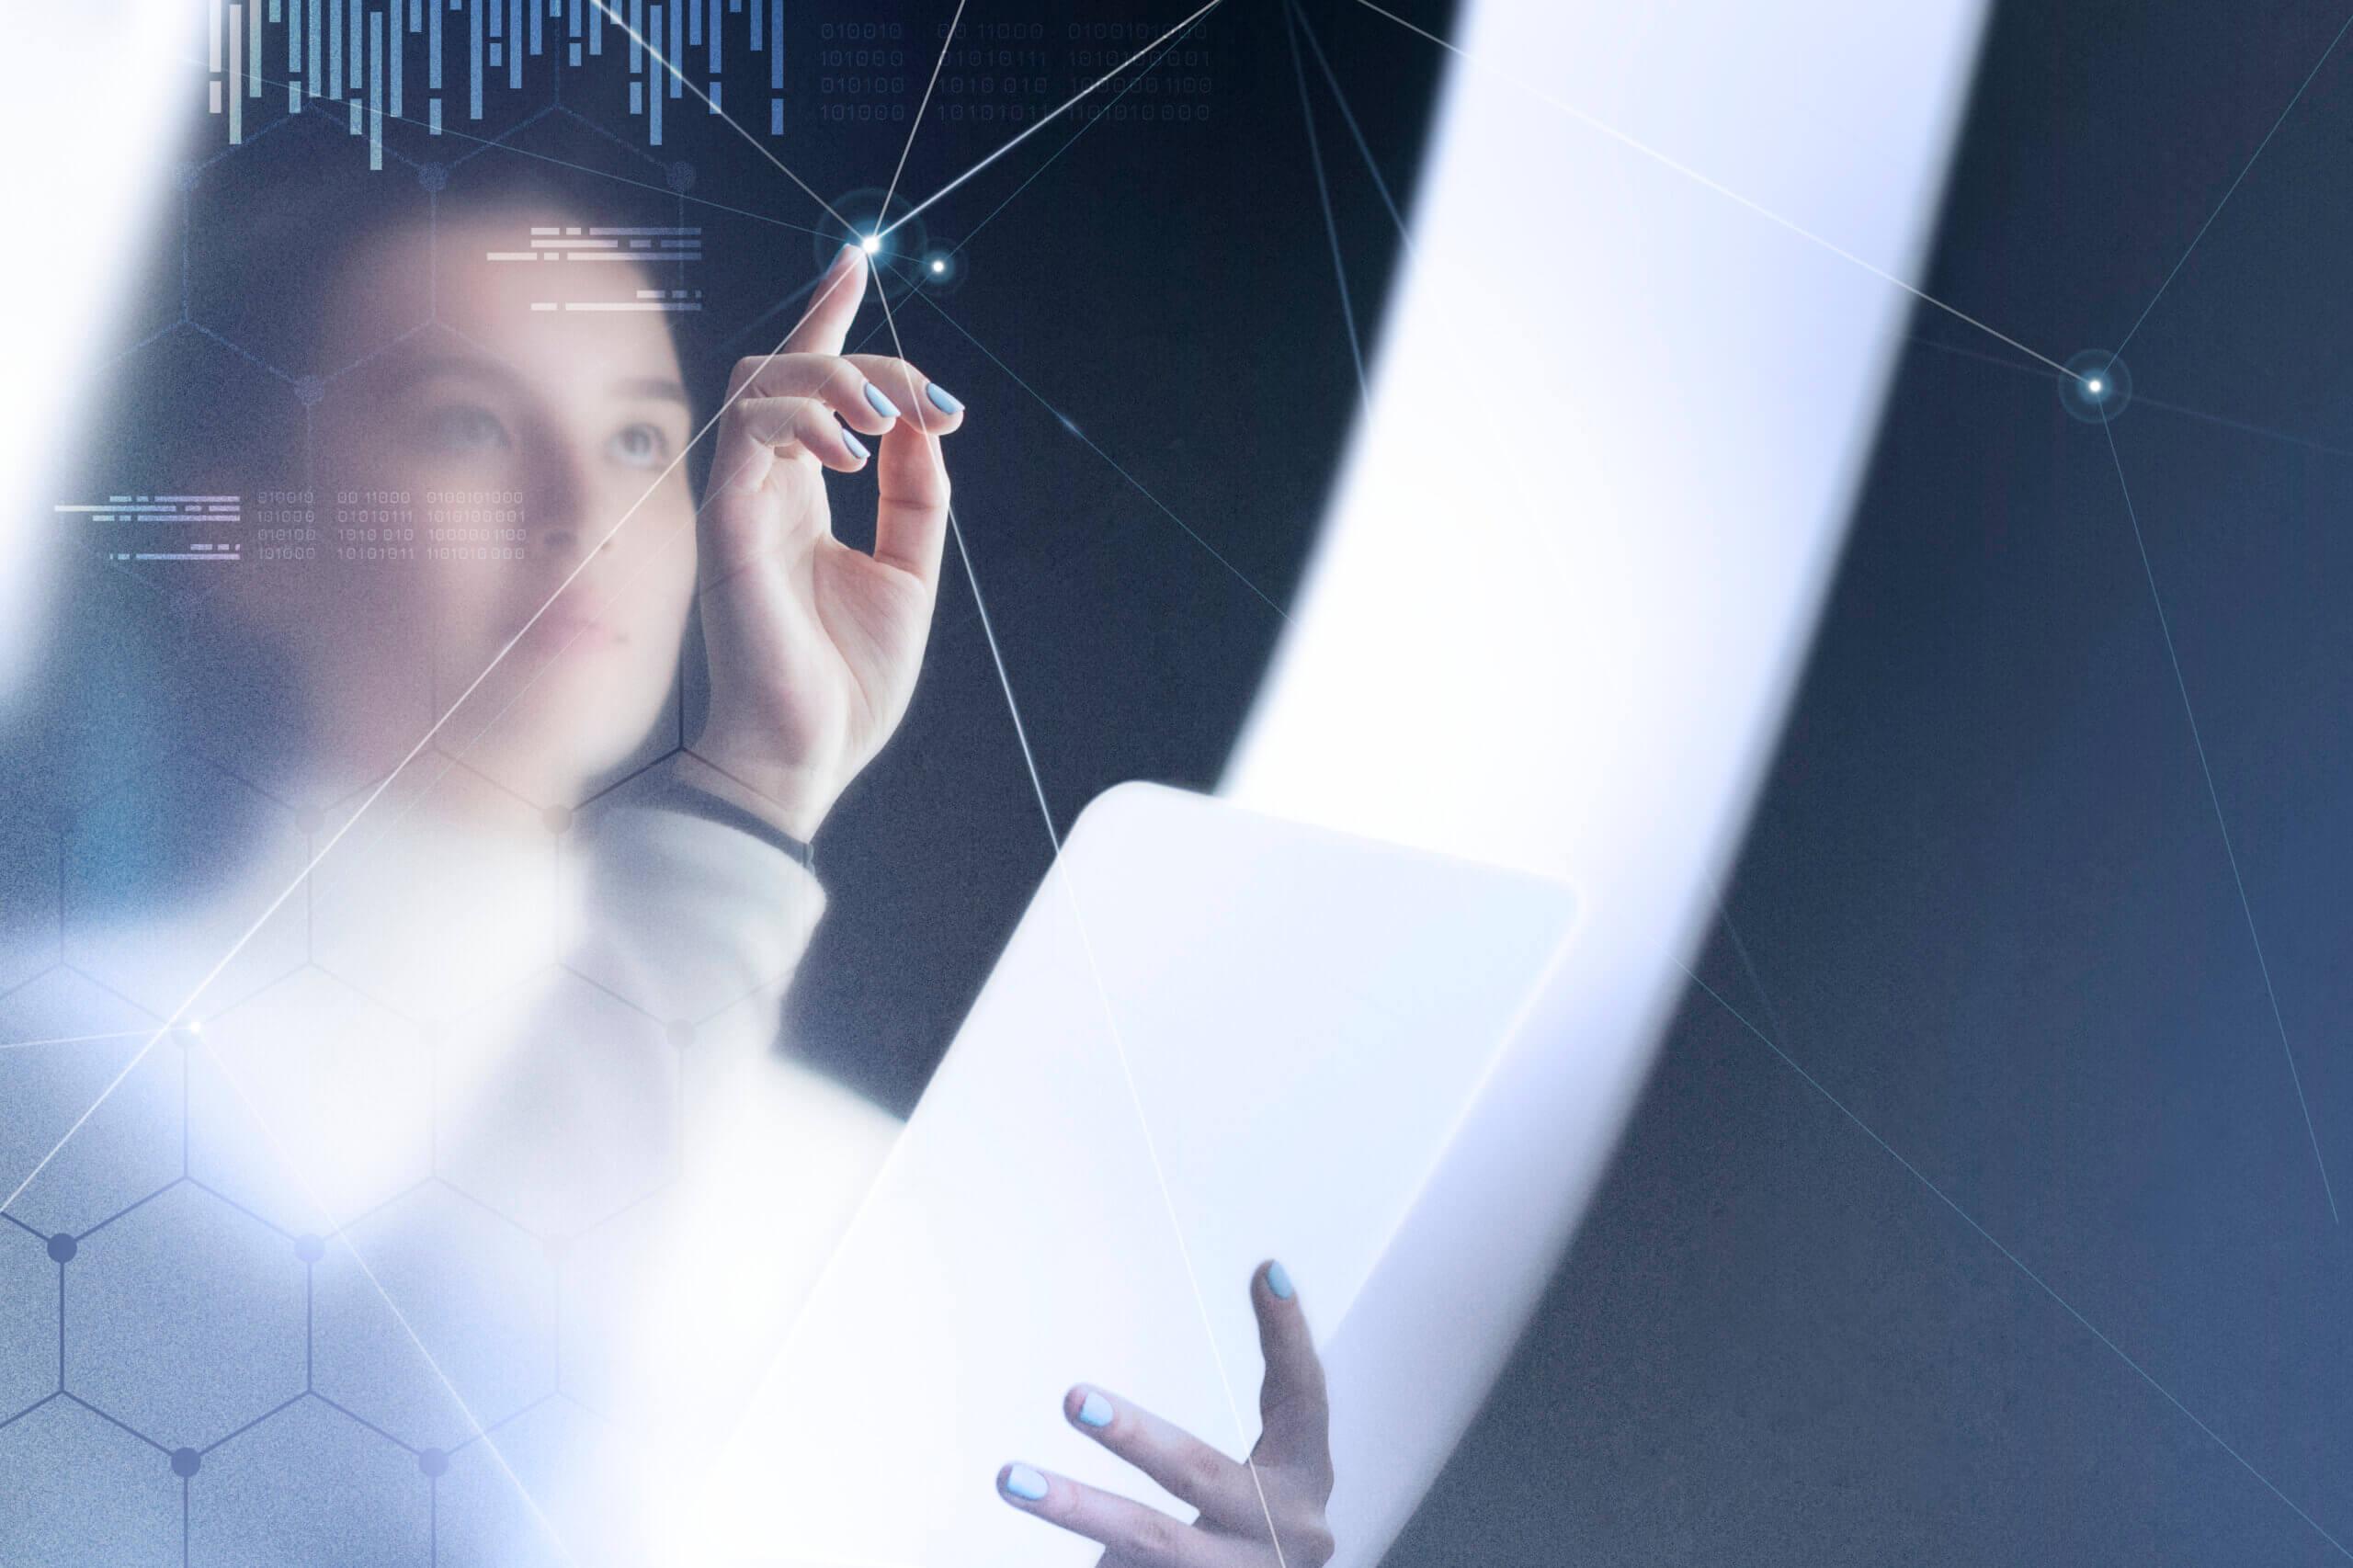 Gestão da mudança, Cultura e Inovação: como fazer e gerenciar transformações na sua empresa